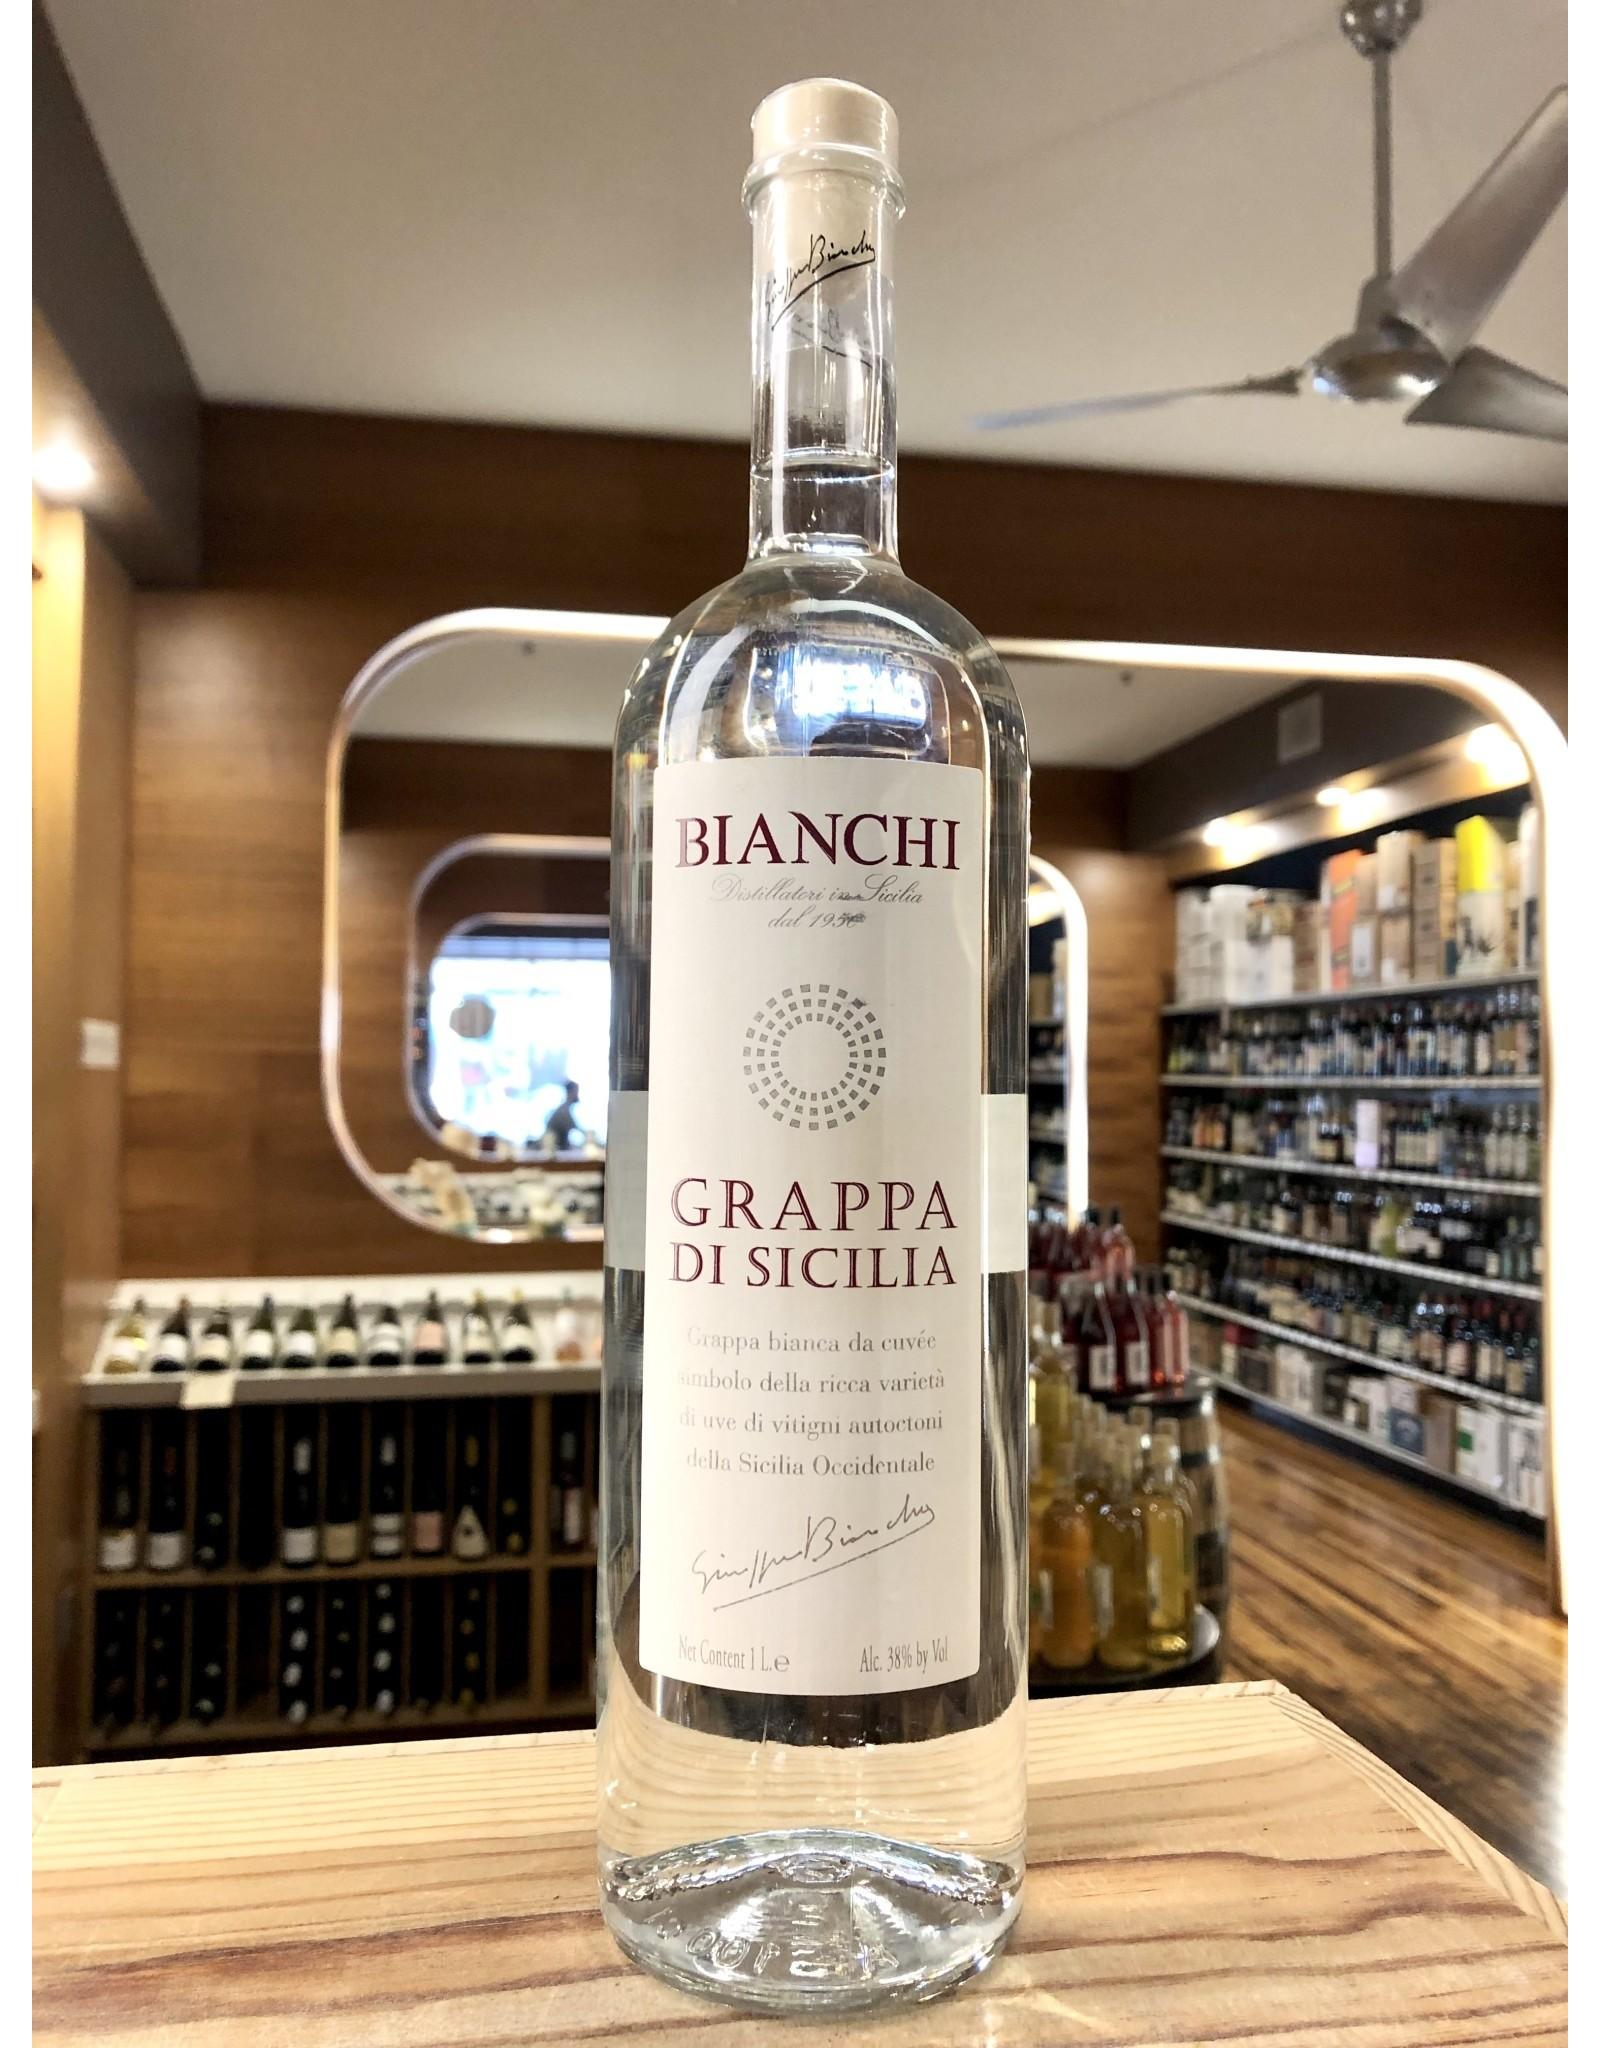 Bianchi Grappa di Sicilia - 1 Liter